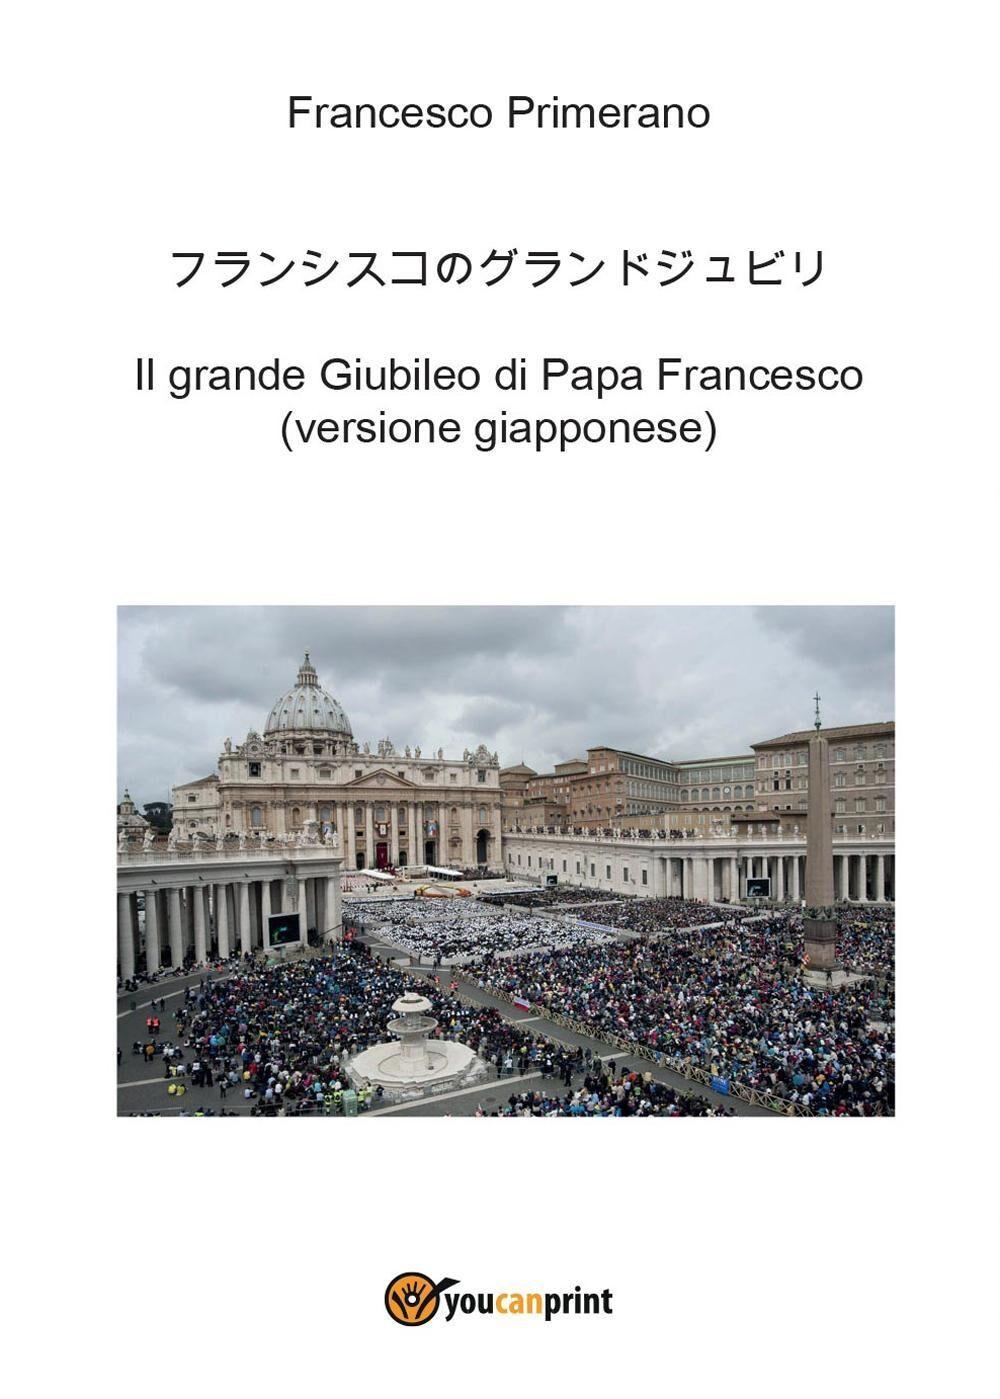 Il grande giubileo di papa Francesco. Ediz. giapponese